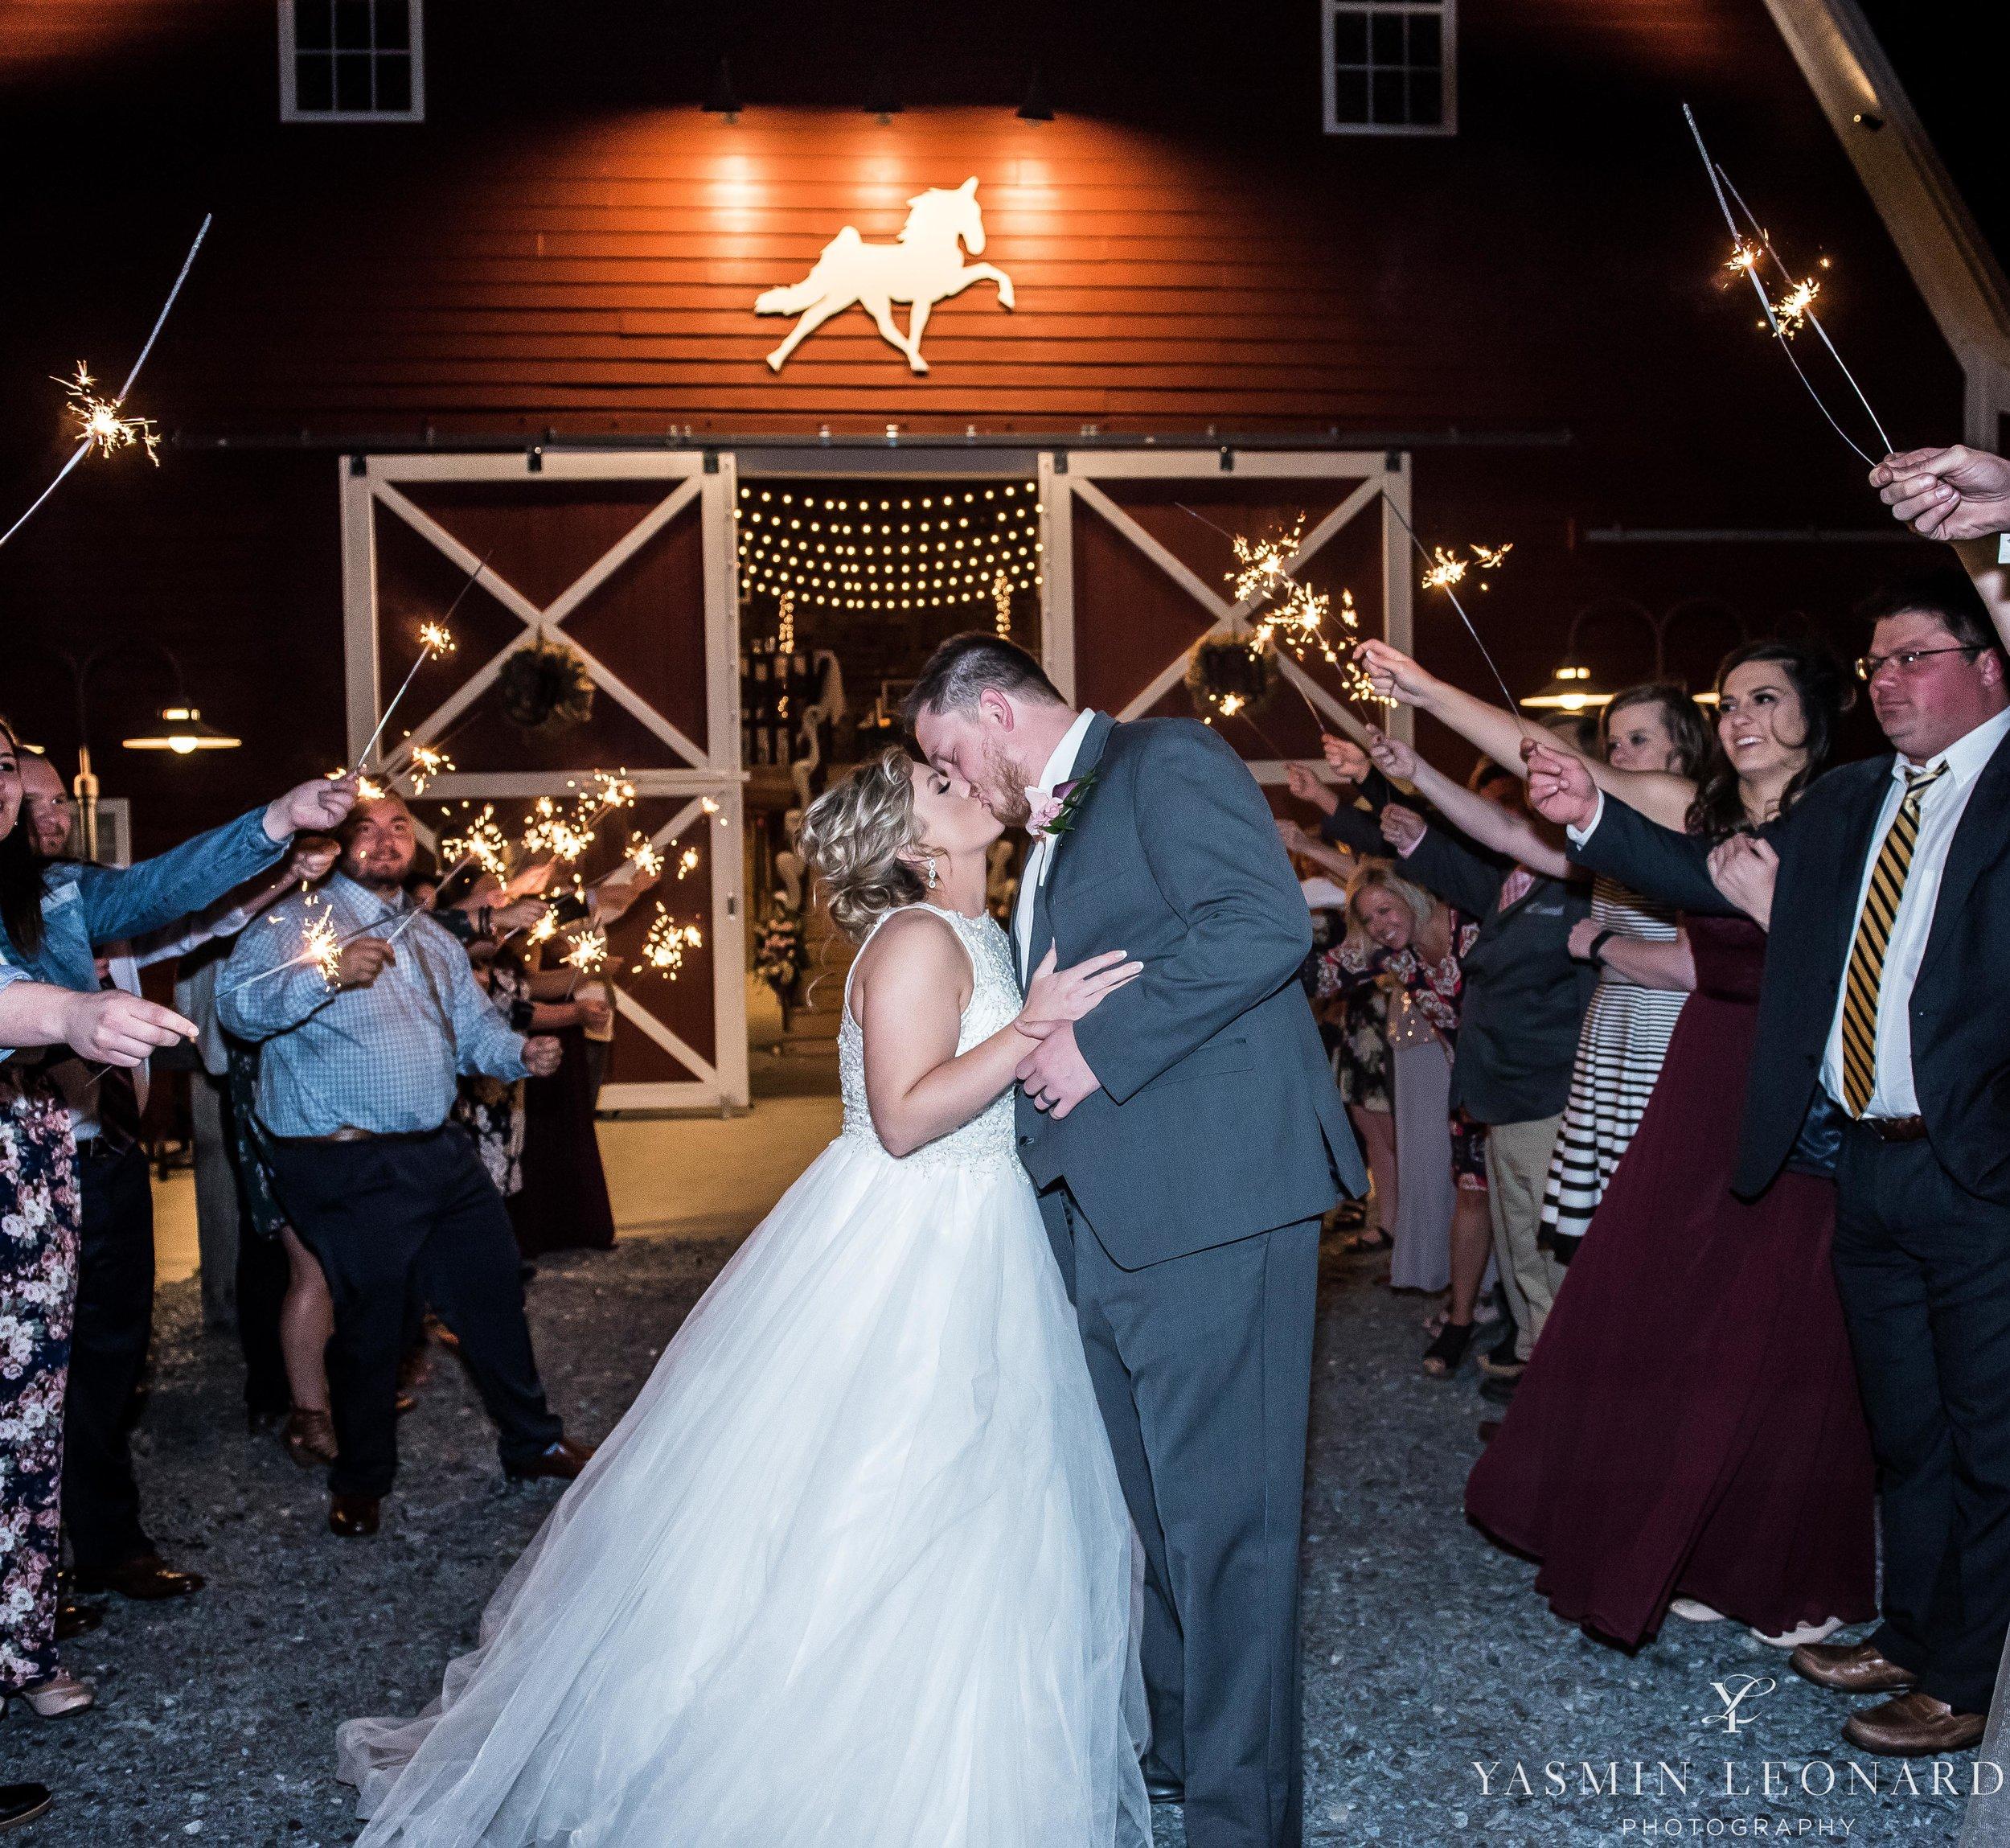 Millikan Farms - Millikan Farms Wedding - Sophia NC Wedding - NC Wedding - NC Wedding Photographer - Yasmin Leonard Photography - High Point Photographer - Barn Wedding - Wedding Venues in NC - Triad Wedding Photographer-98.jpg